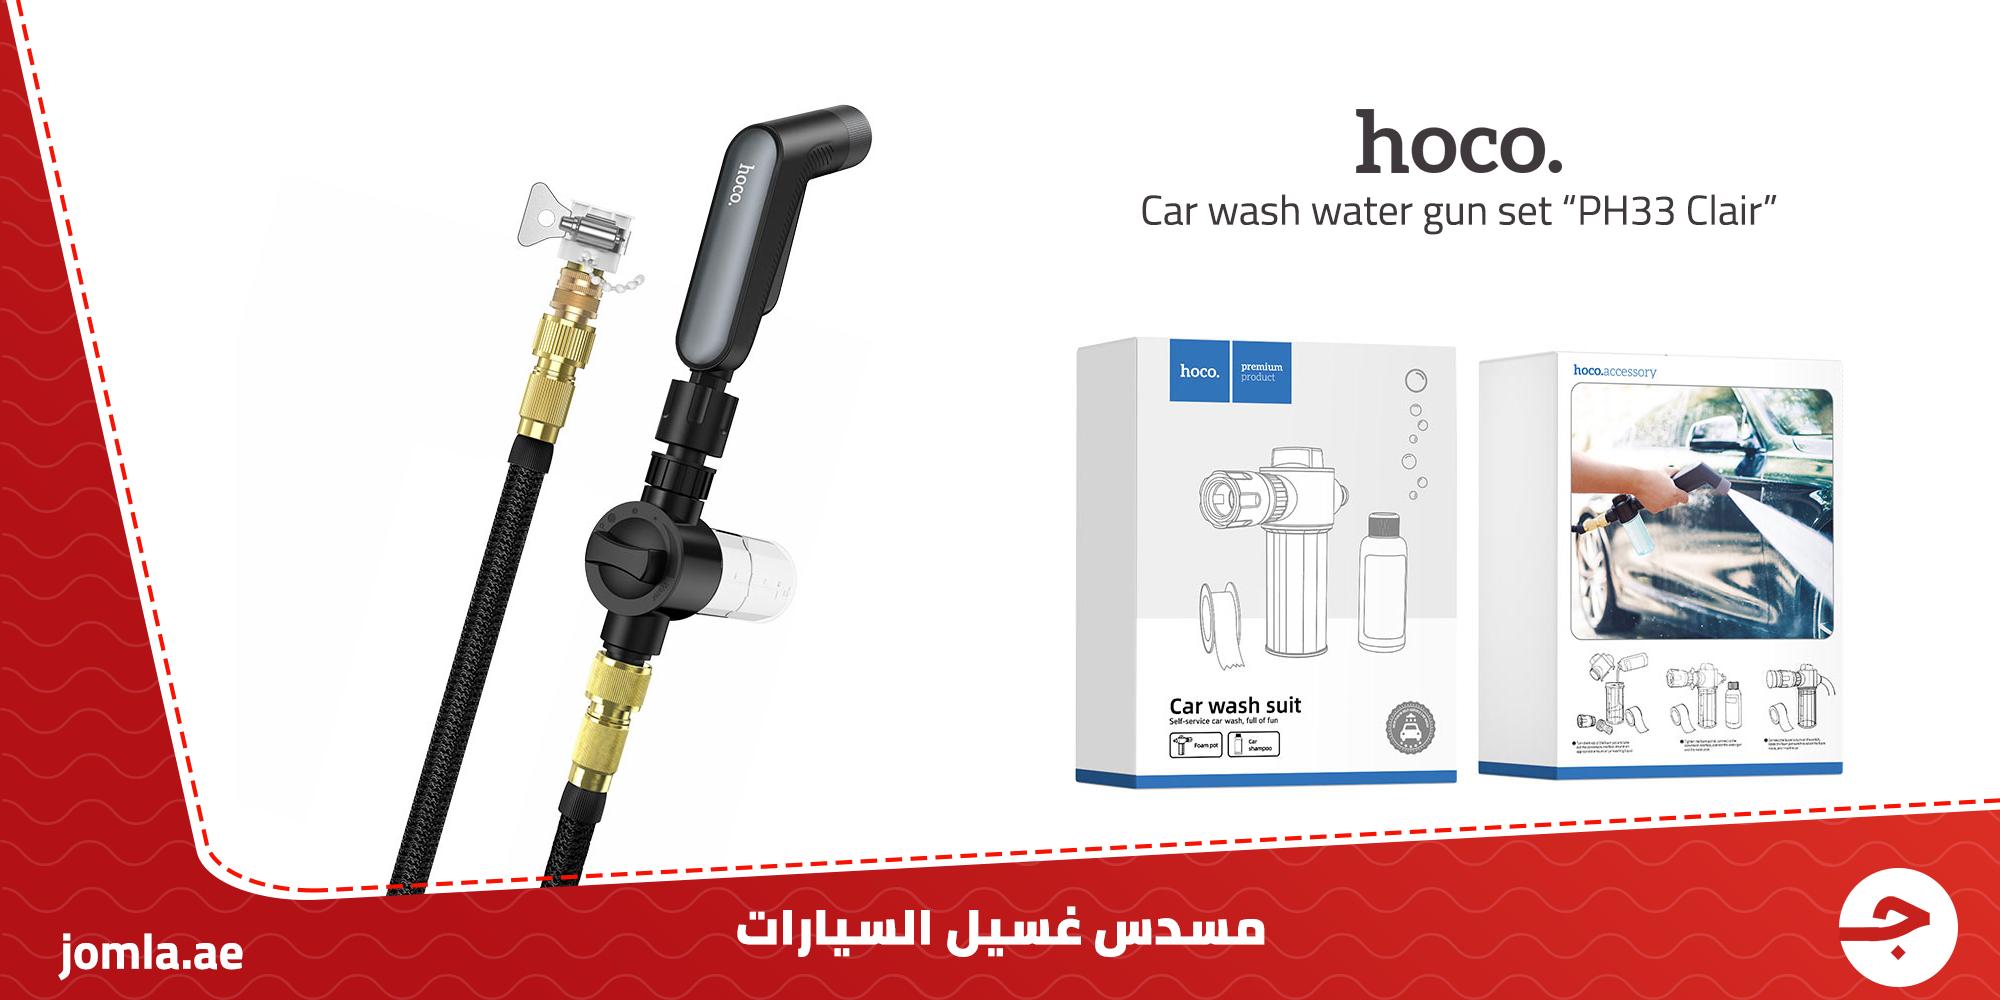 """مضخة ماء غسيل السيارة Hoco - Car wash water gun set """"PH33 Clair"""